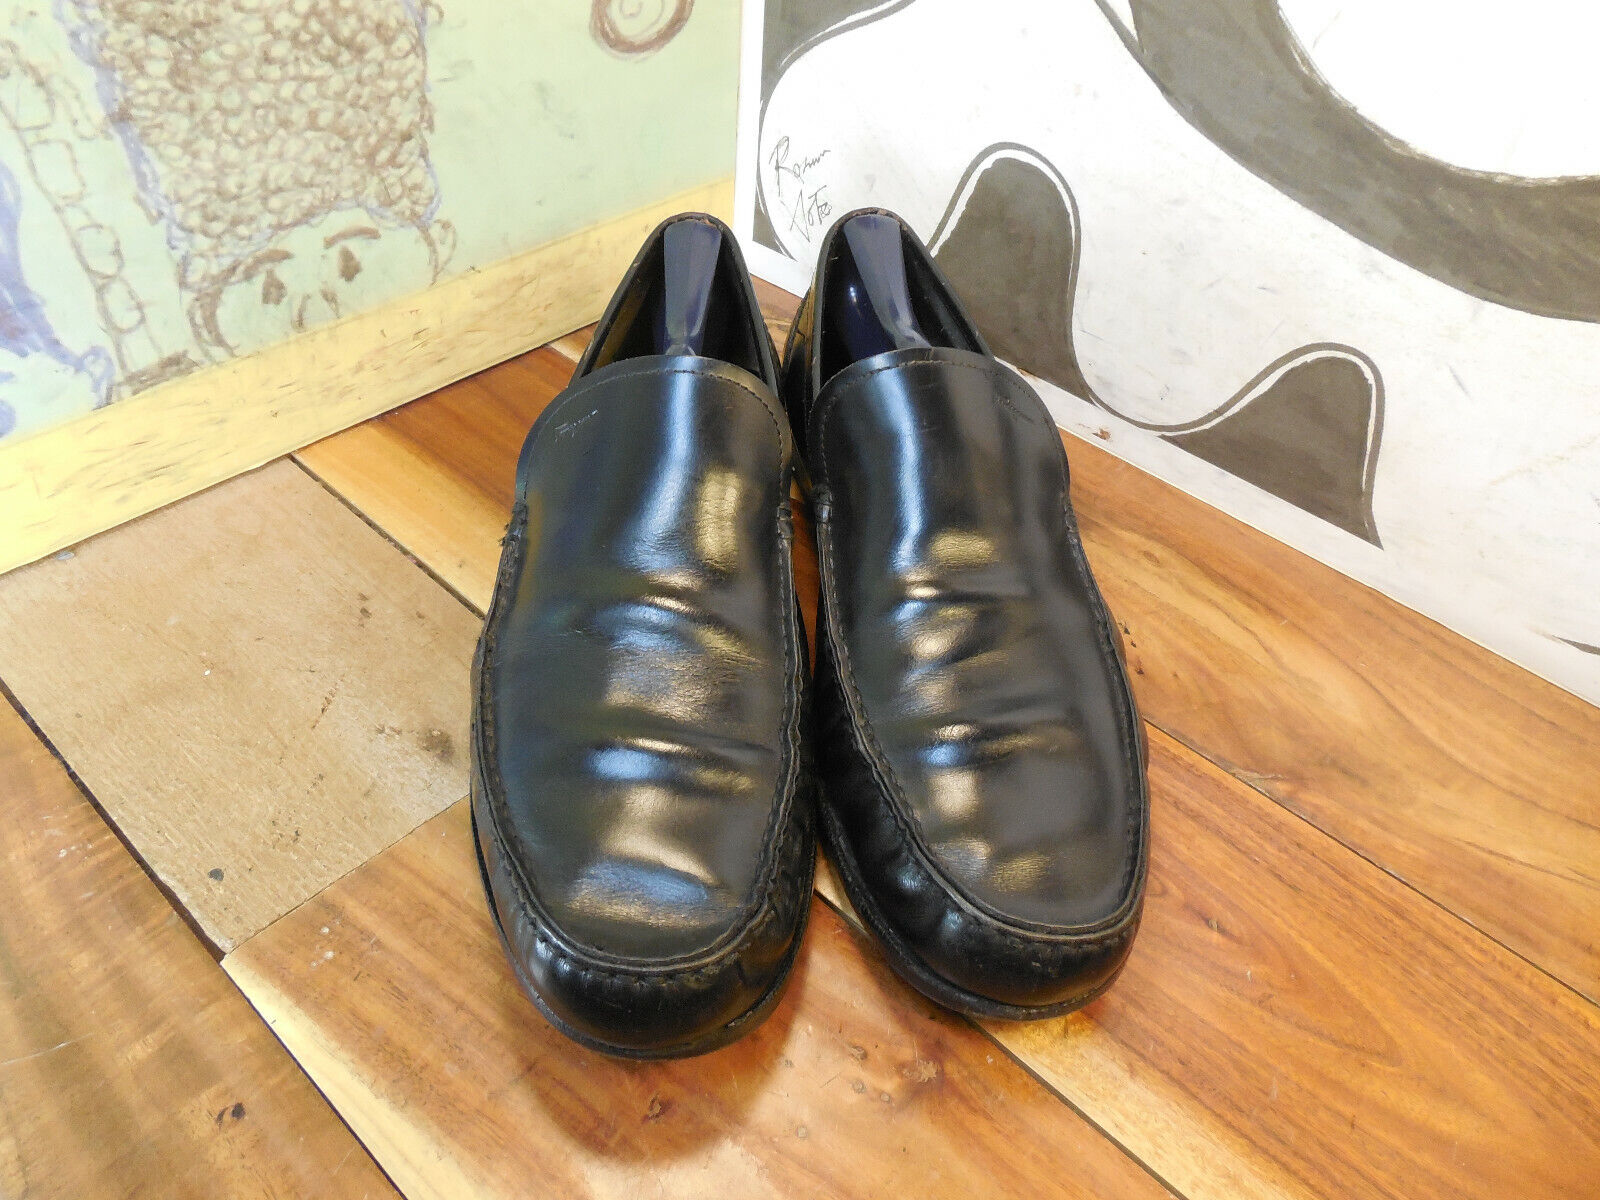 Salvatore Ferragamo cuero negro loafers masculino 9M (véase msmts) fabricado en Italia